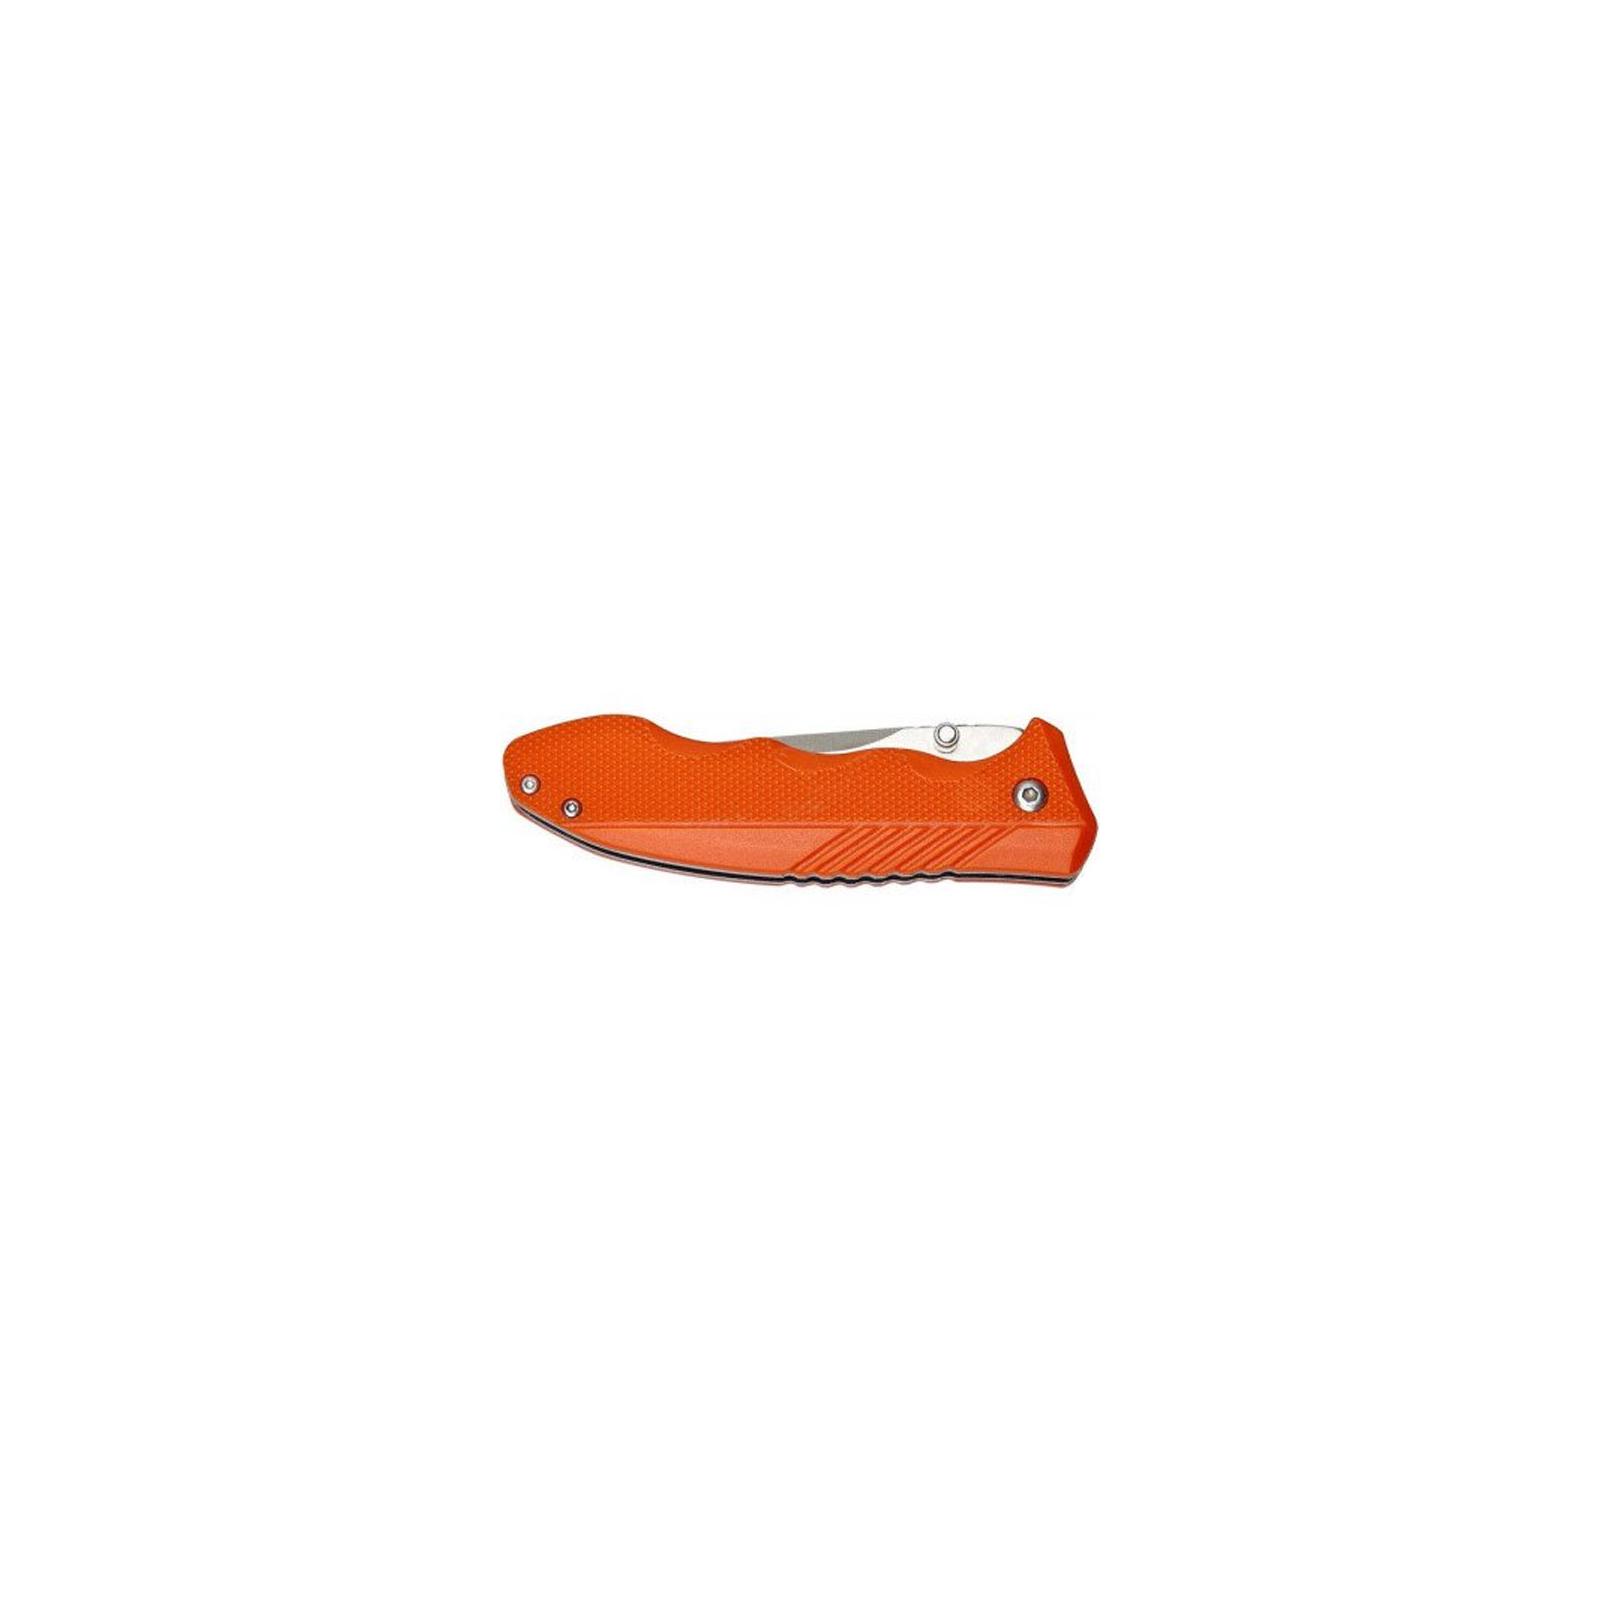 Нож Skif Plus Splendid Black (H-K2490746B) изображение 3